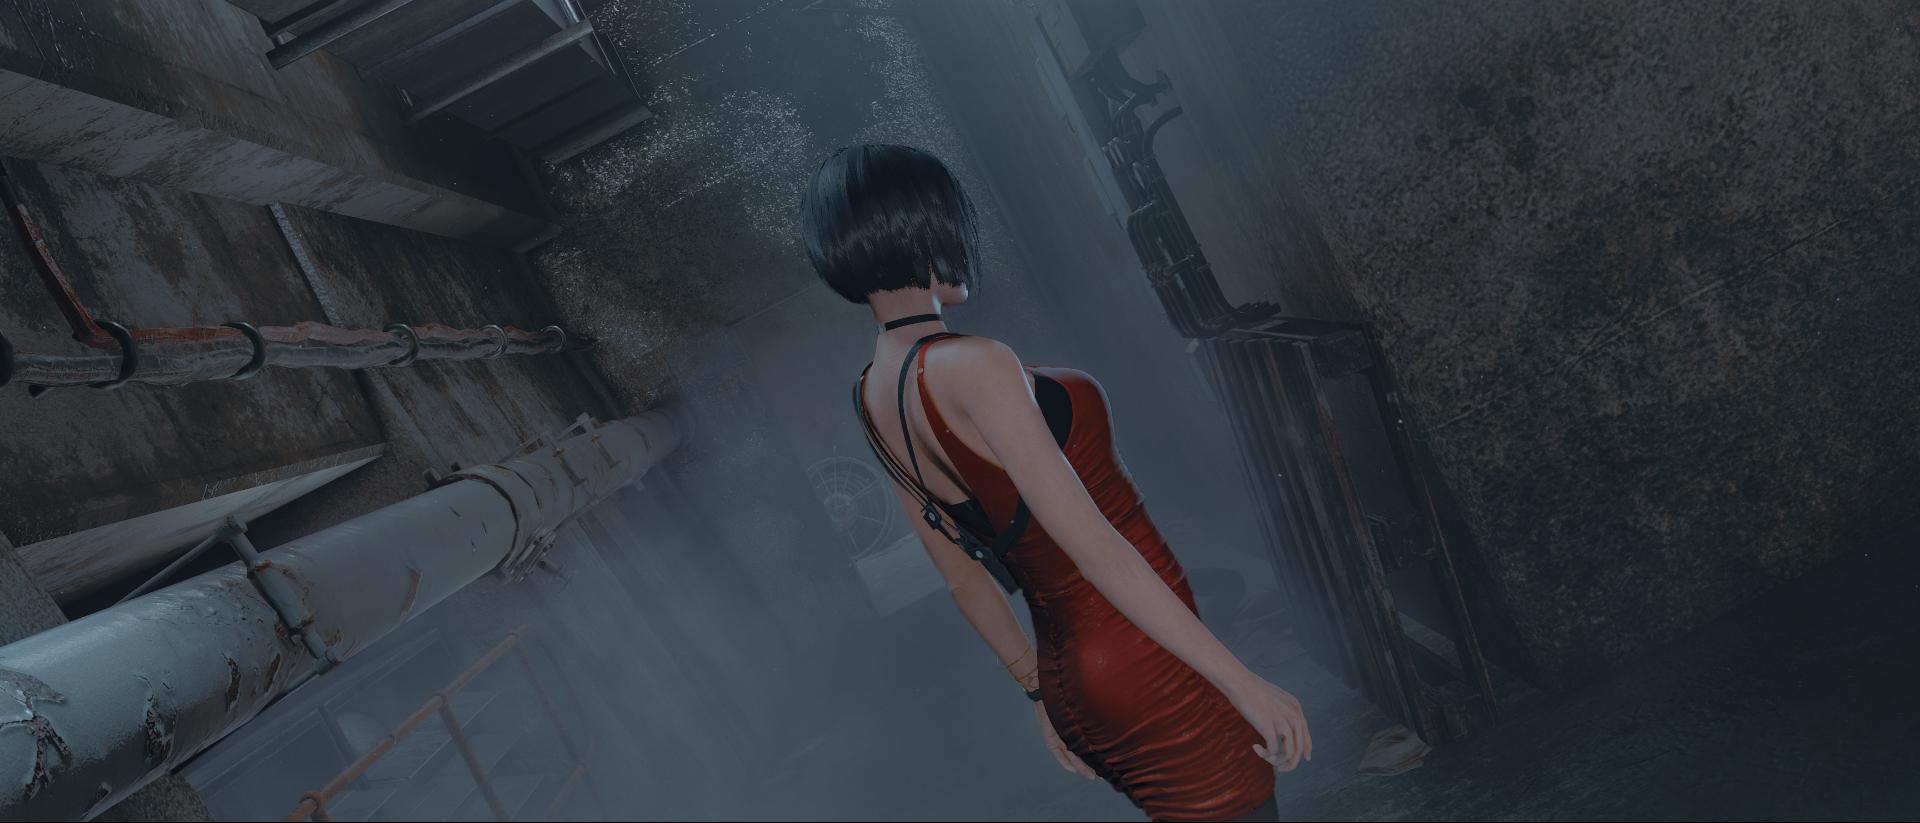 Wallpaper Screen Shot Resident Evil 2 Remake Ada Wong Video